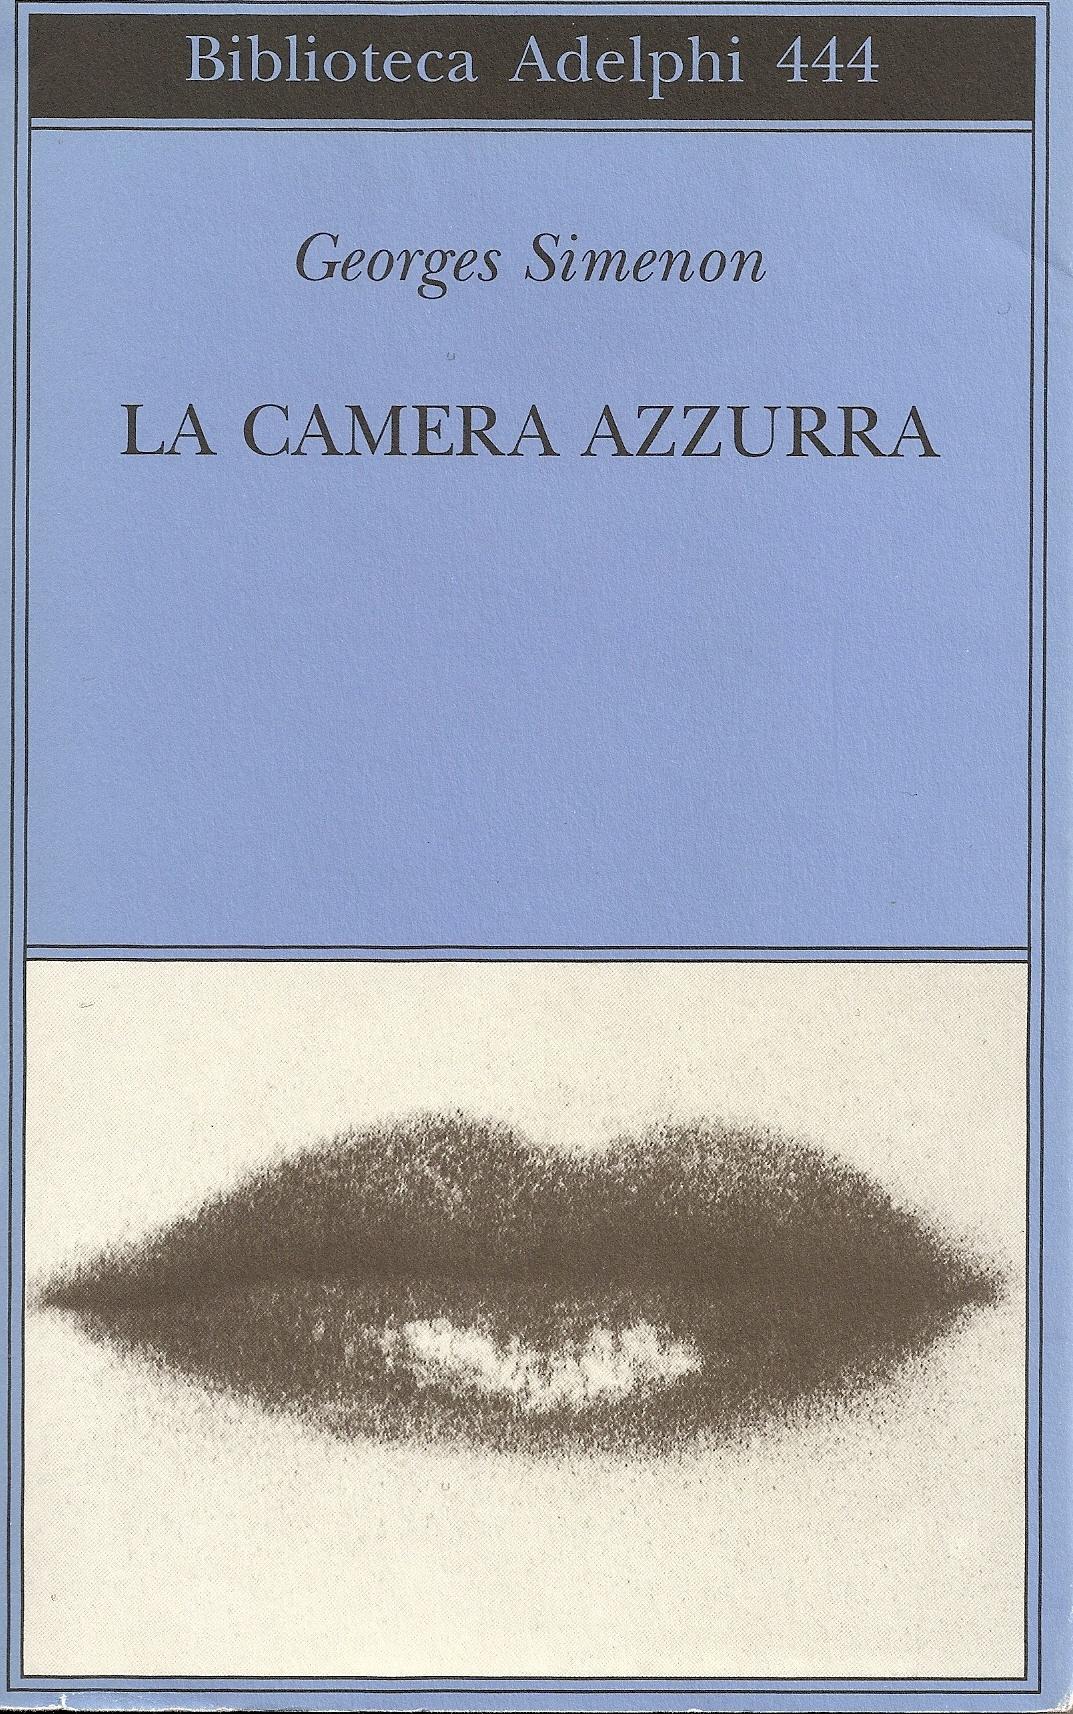 La camera azzurra, il romanzo-interrogatorio di Simenon